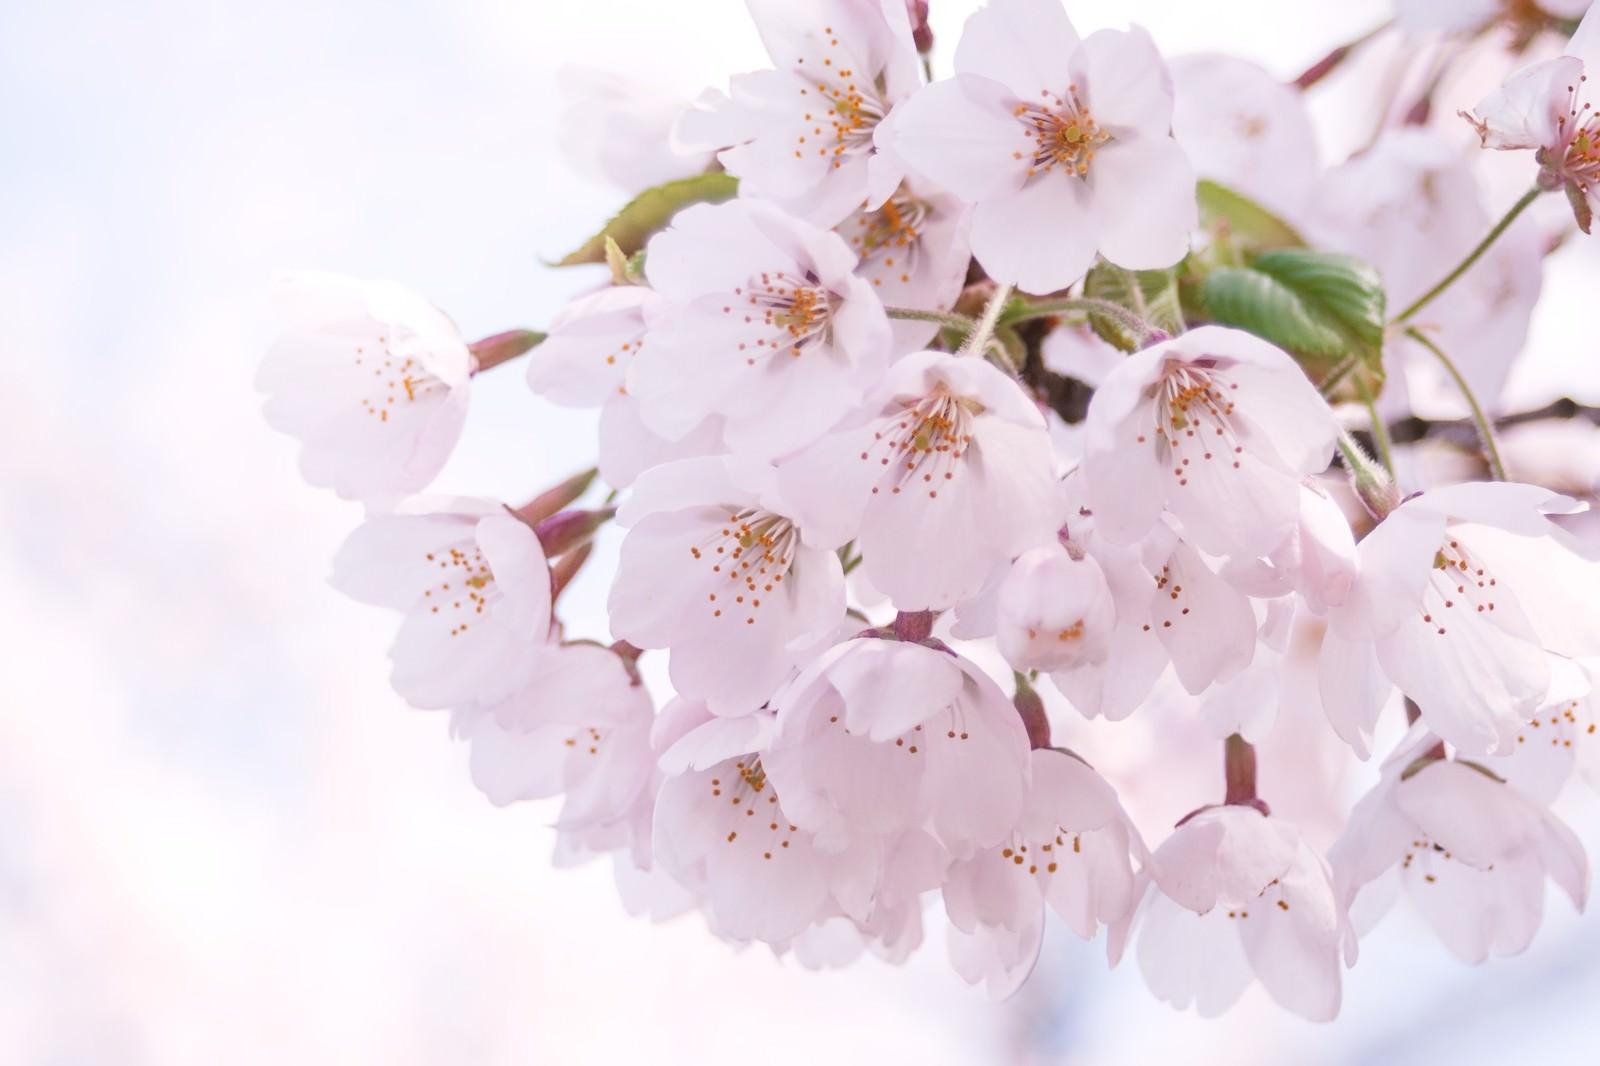 「光が差し込むピンクの桜」の写真